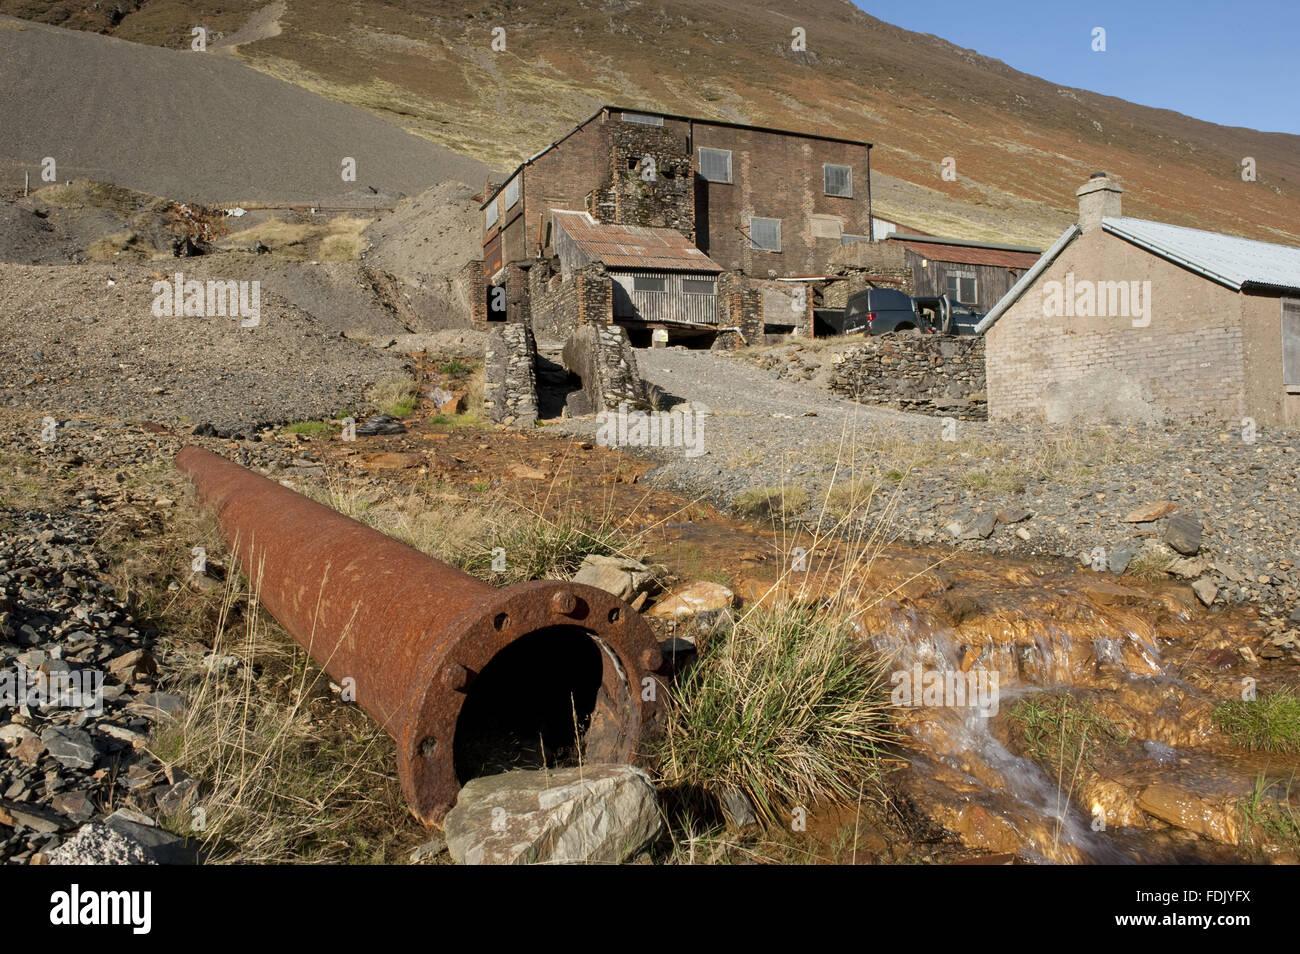 Crag fuerza mía, Borrowdale, Lake District, Cumbria. Fuerza de trabajo Risco fue la última mina de metal en el distrito del lago hasta su cierre en 1991, la clasificación de plomo, zinc y baritina de la roca. Es un monumento antiguo planificado y la SEIC. Foto de stock